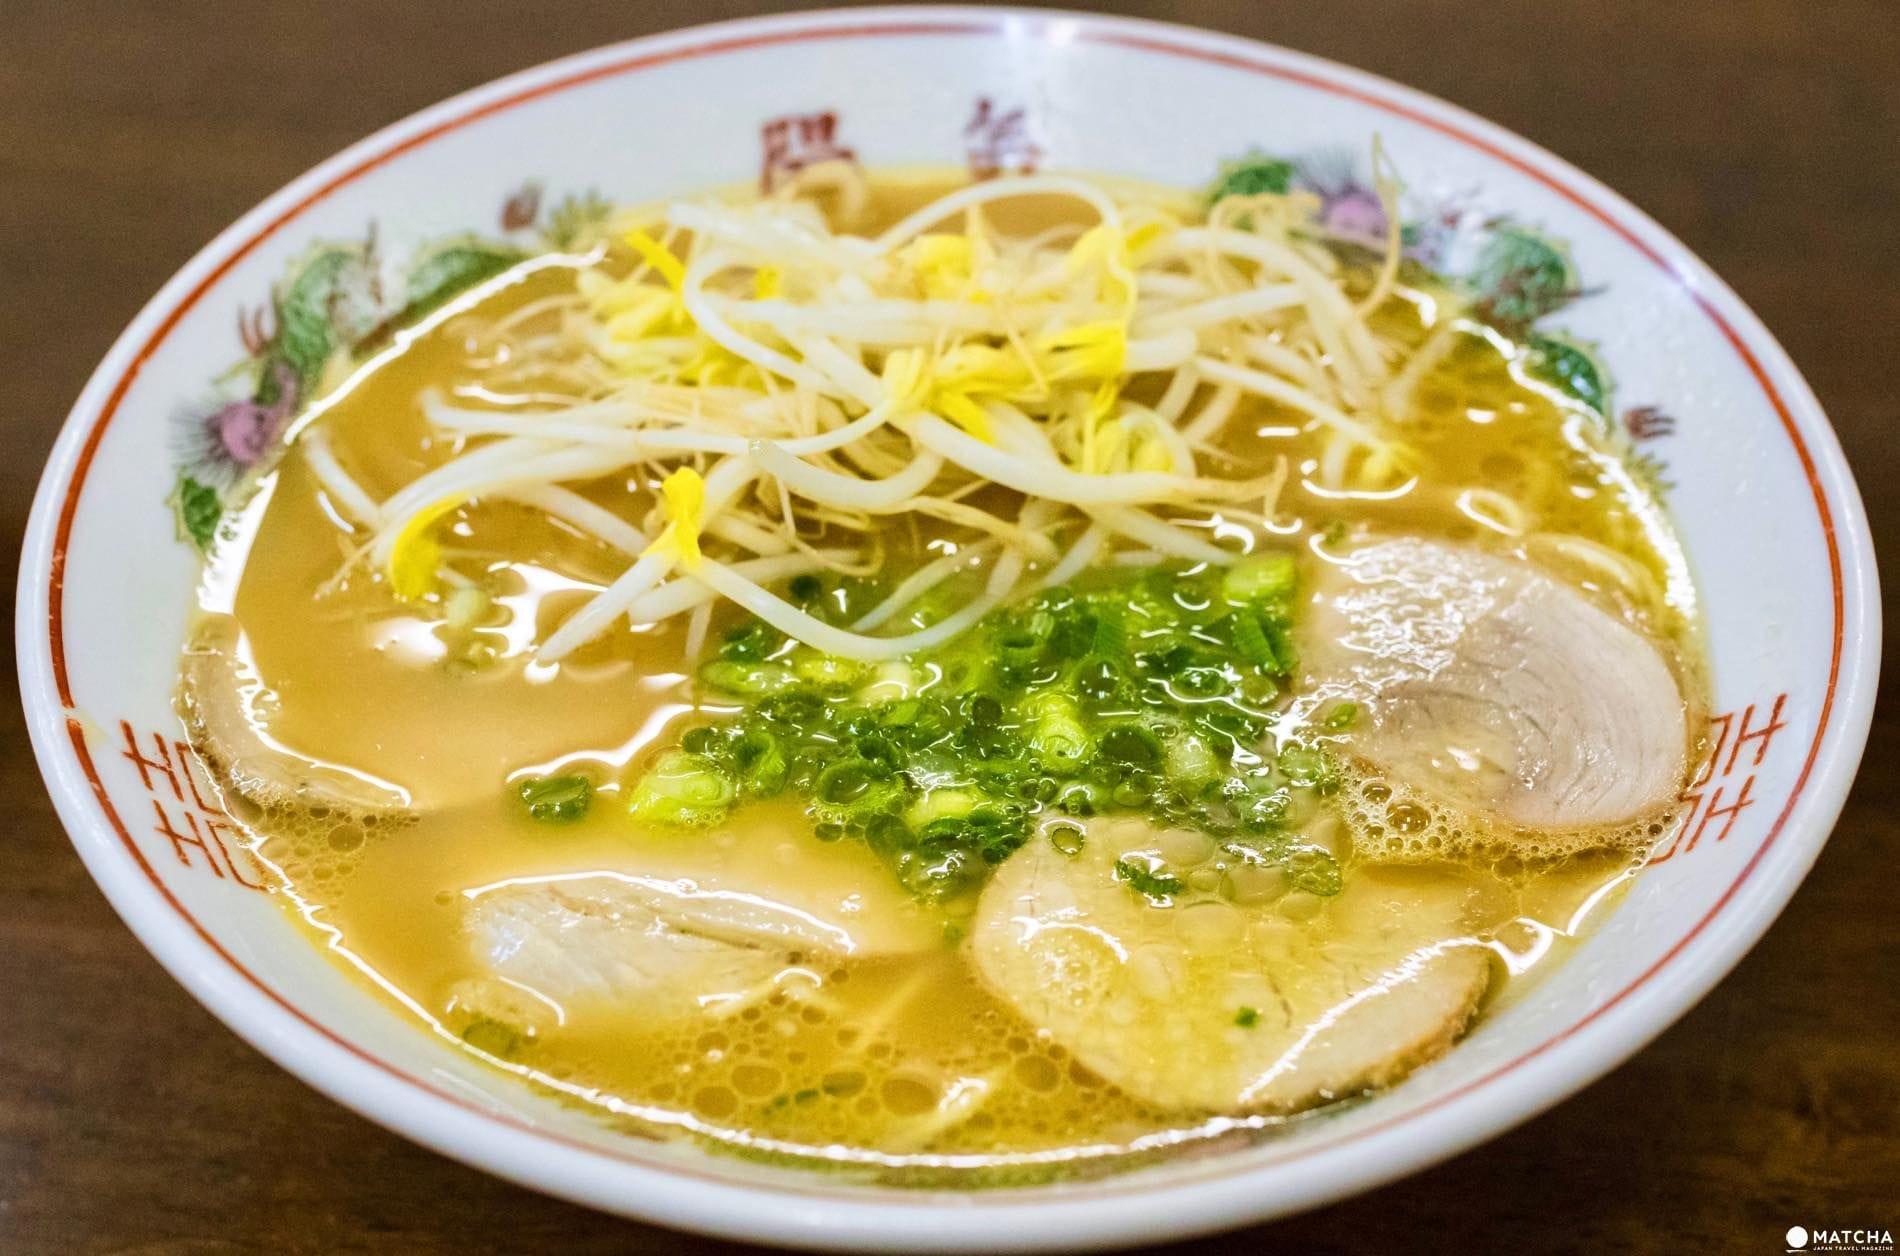 日本のラーメンを徹底解説!ラーメンの魅力とその注文方法、食べ方などまとめ